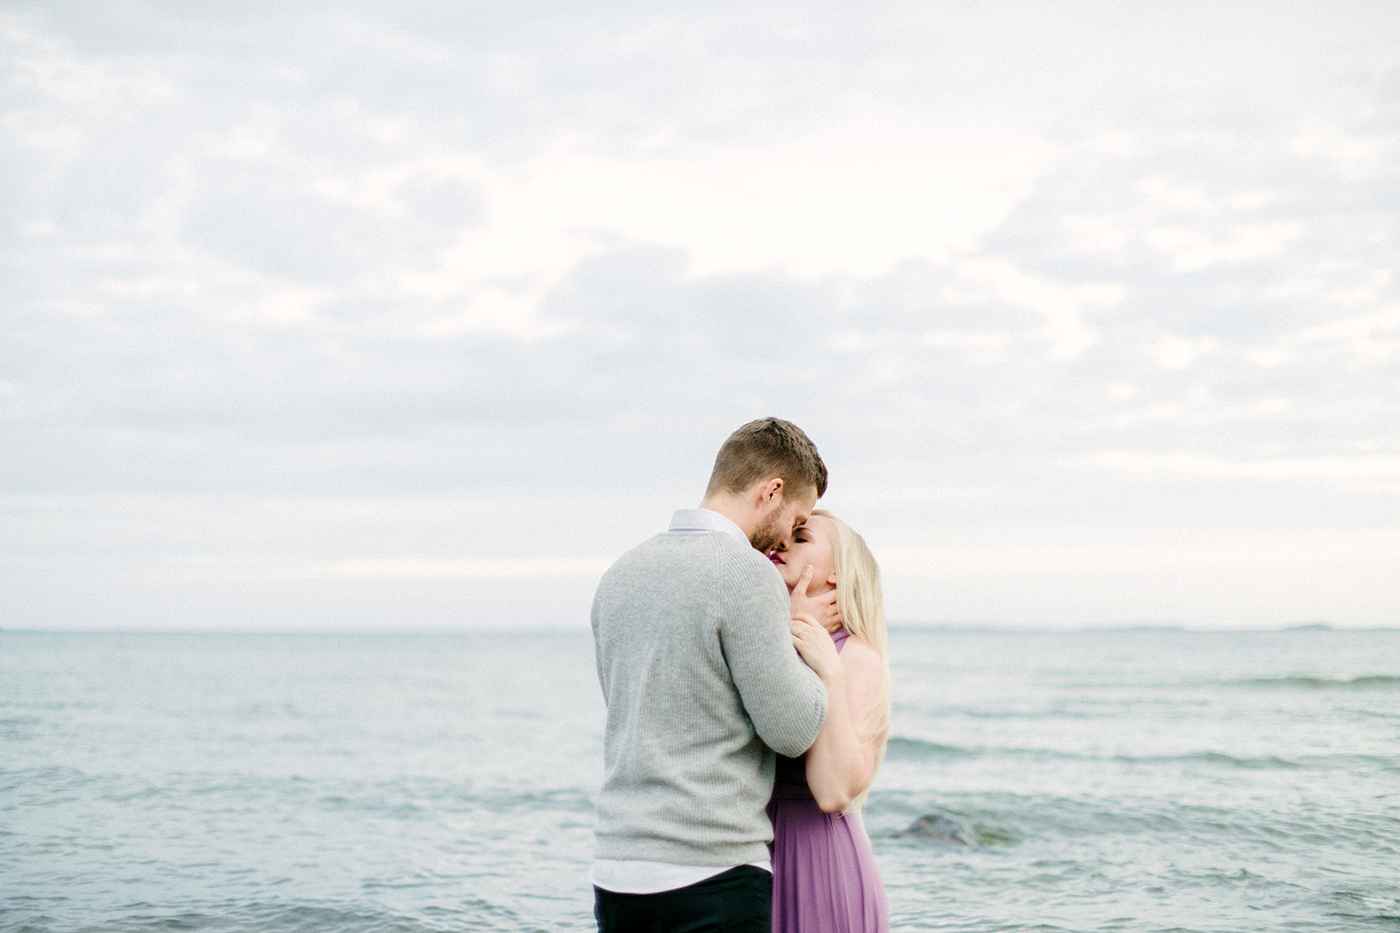 Sari & Mikko - Beach Engagement Couple Shoot in Hanko kihlakuvaus parikuvaus - Susanna Nordvall - Hey Look (22).jpg